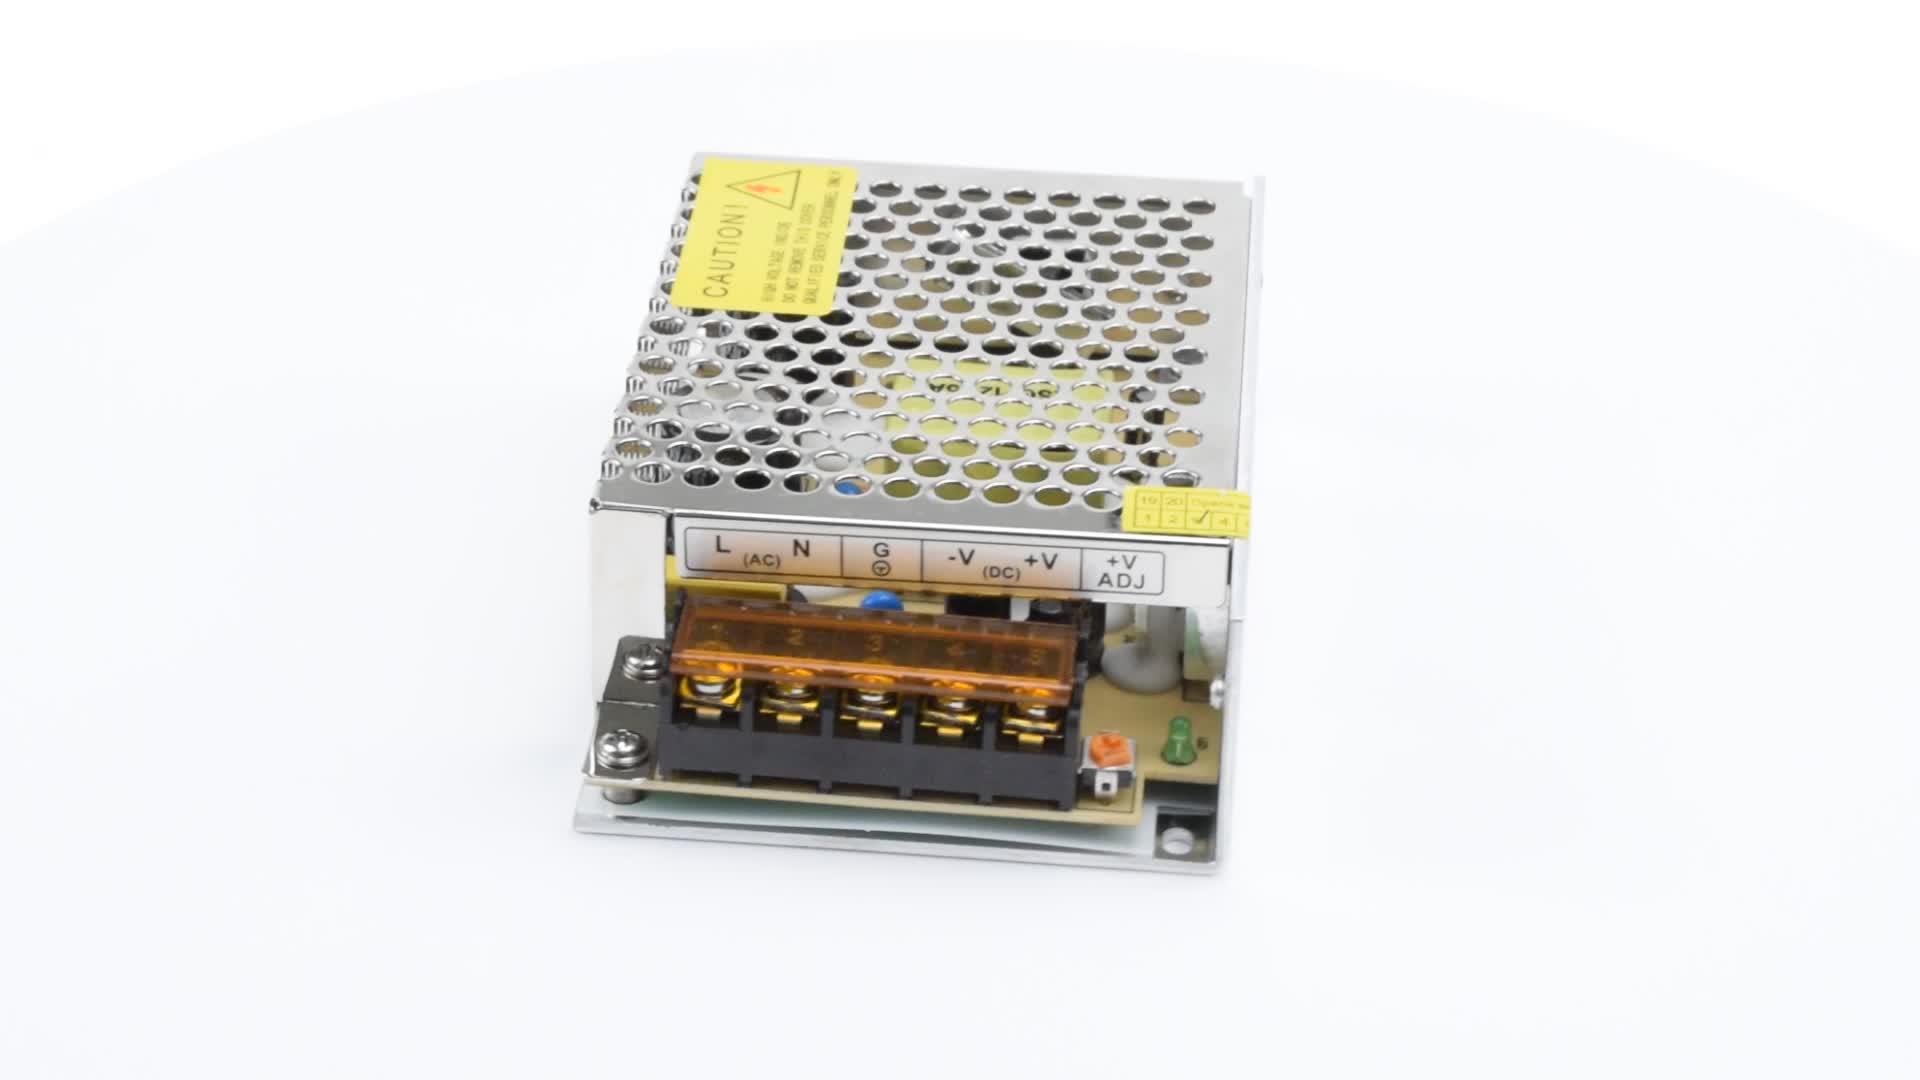 60 W chất lượng cao 12 v cung cấp điện cho cp cộng với cctv camera 100-240 v 110 v điện cung cấp nhôm trường hợp